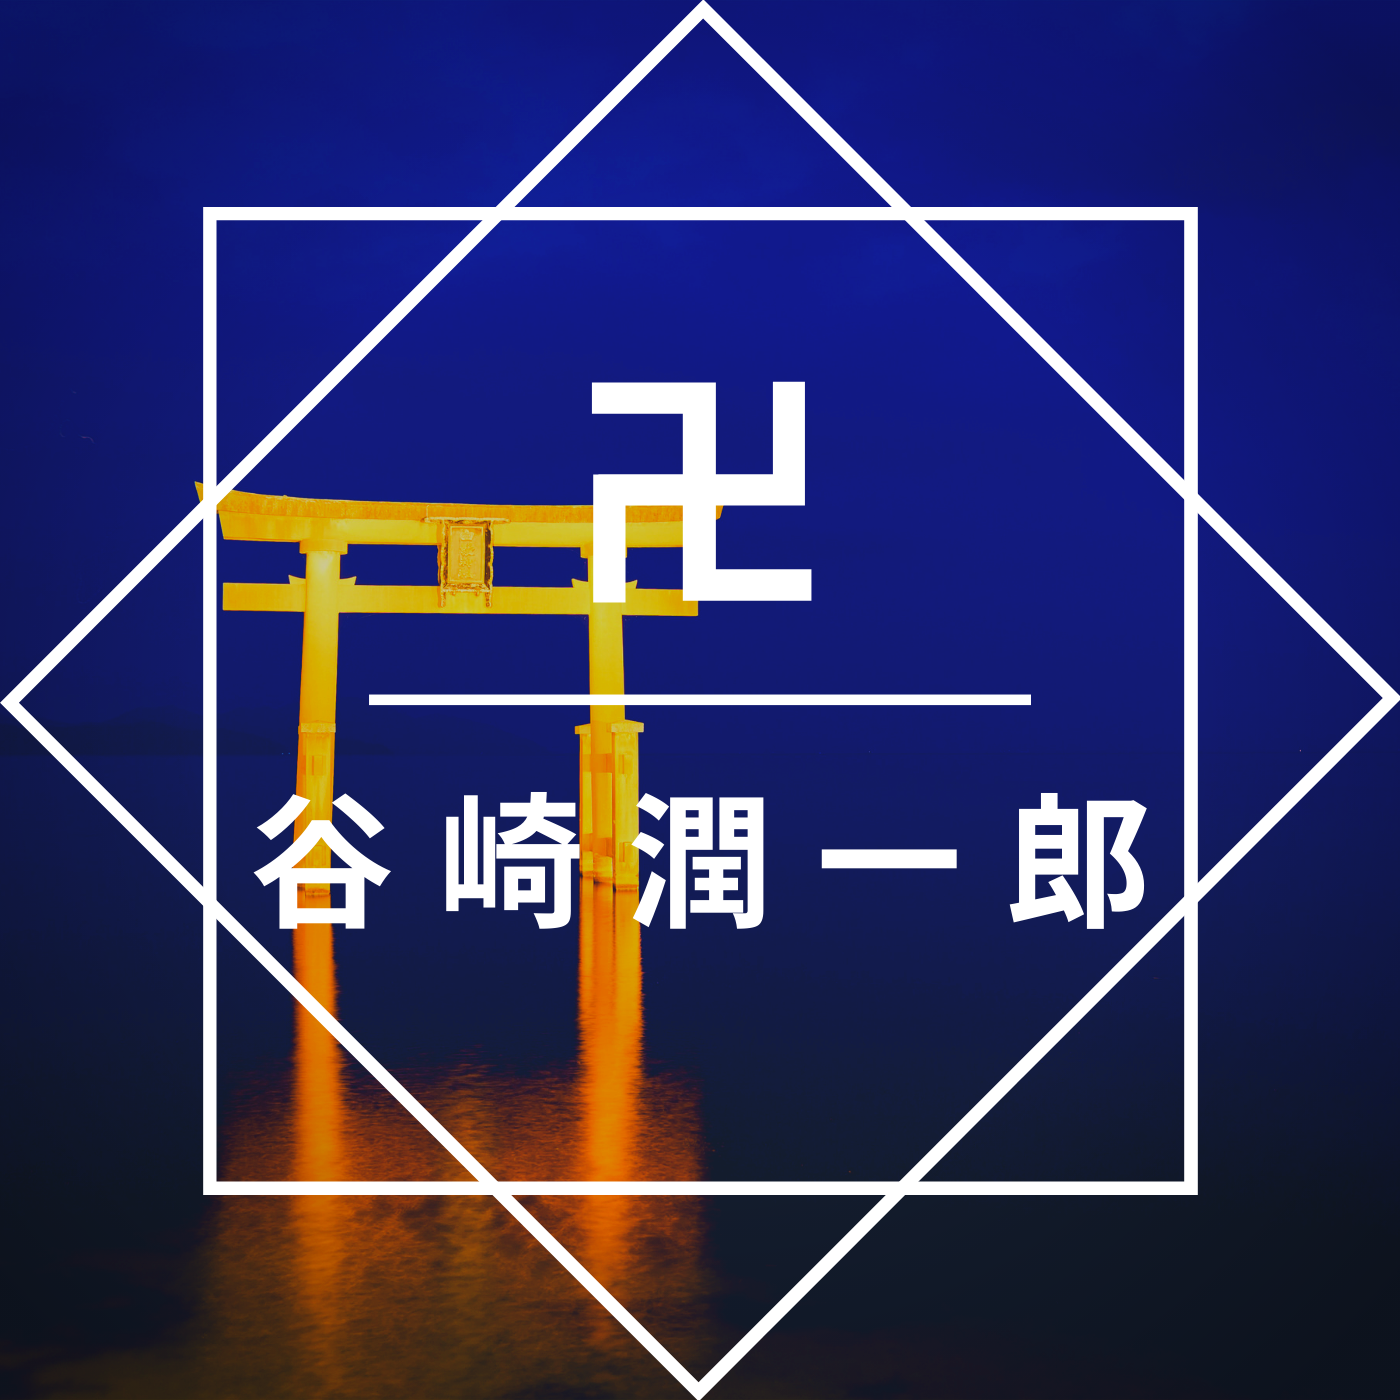 谷崎潤一郎「卍」のあらすじを徹底解説、読んでみた感想